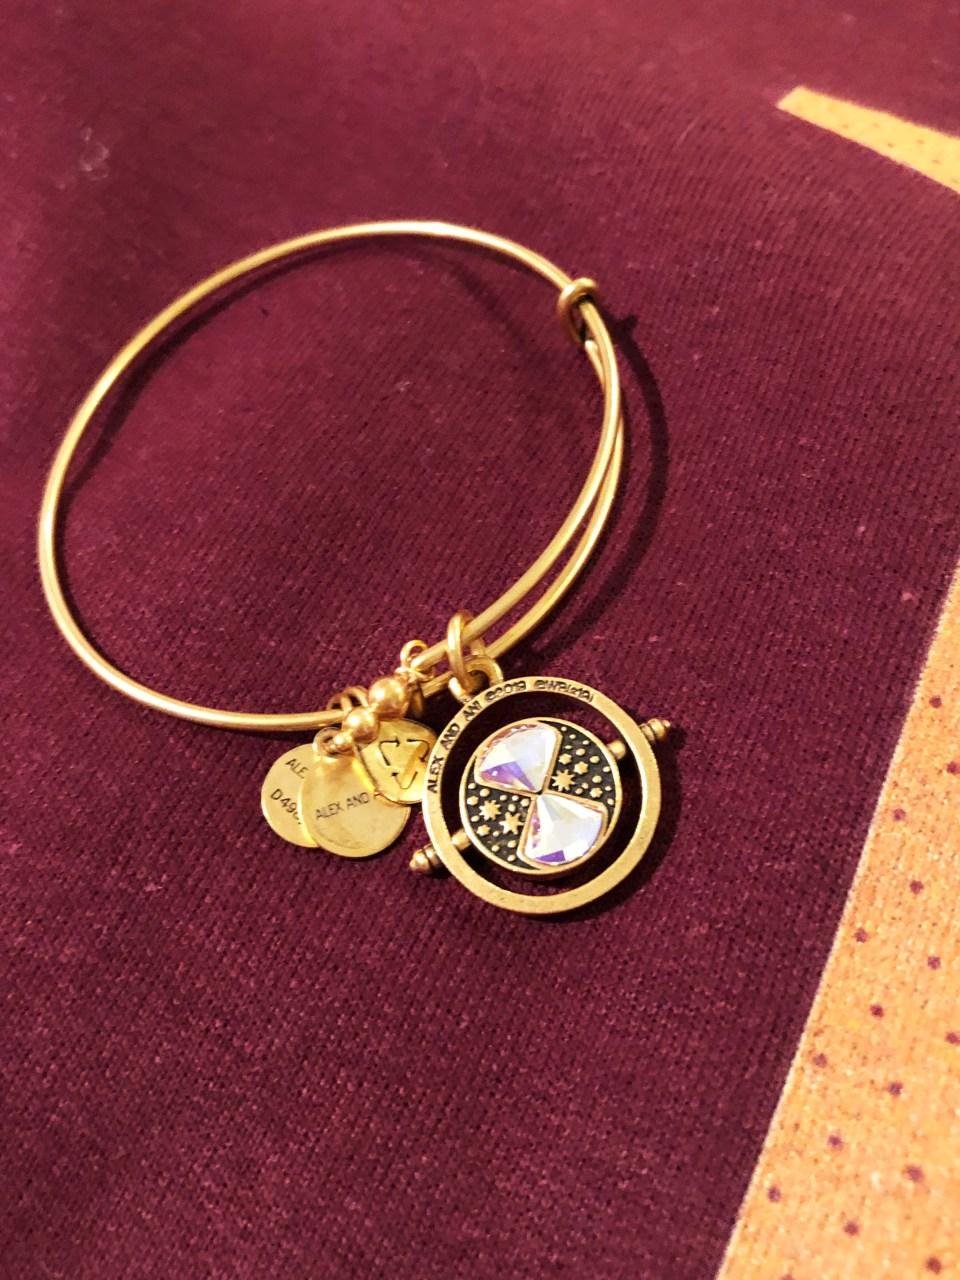 Weasley Sweatshirt + Time Turner Bracelet 1